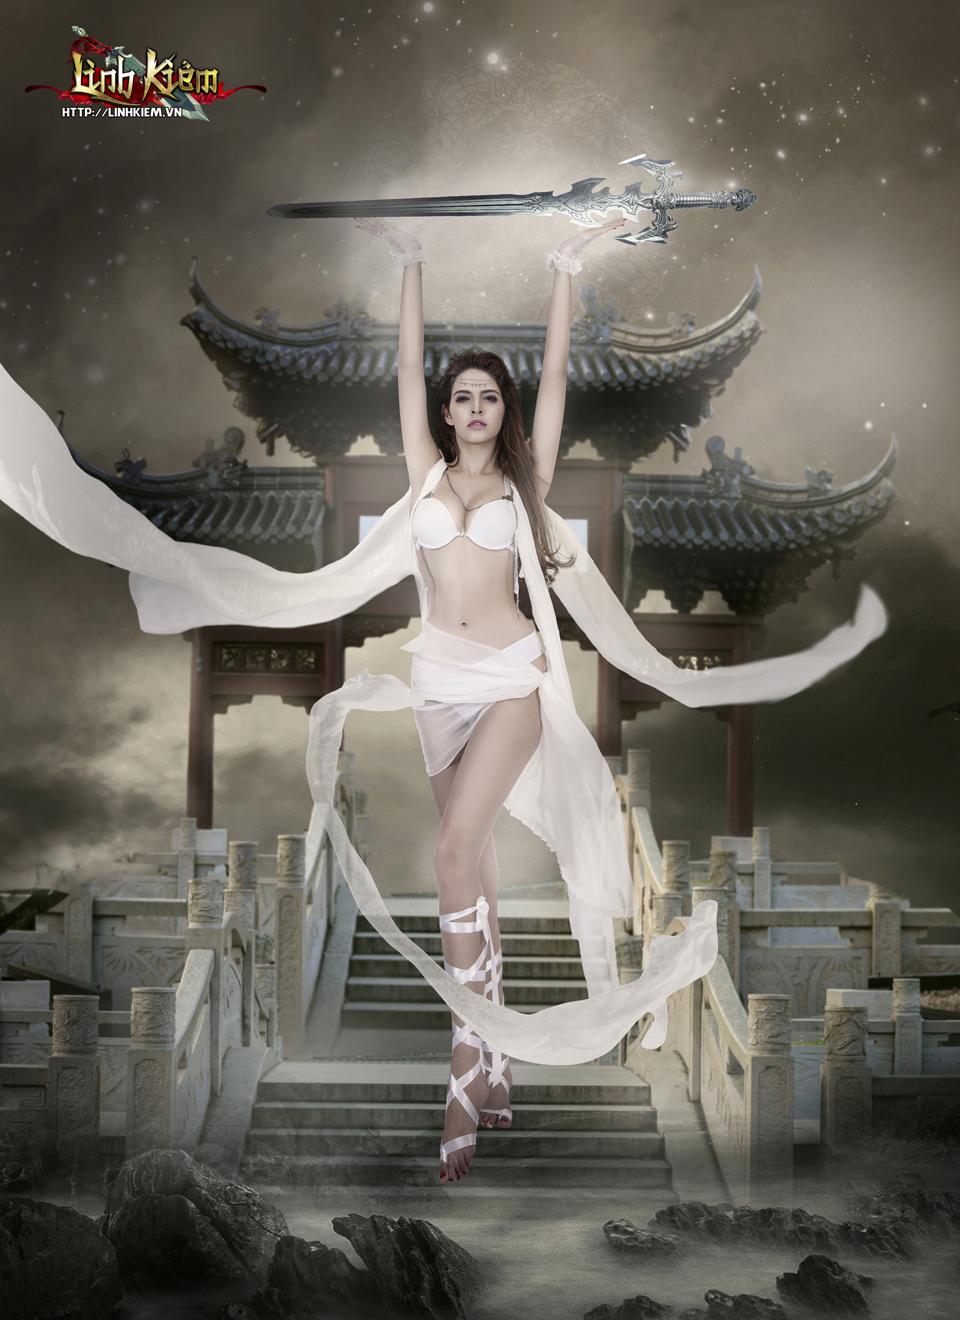 Andrea Aybar cực sexy trong ảnh quảng bá Linh Kiếm 6